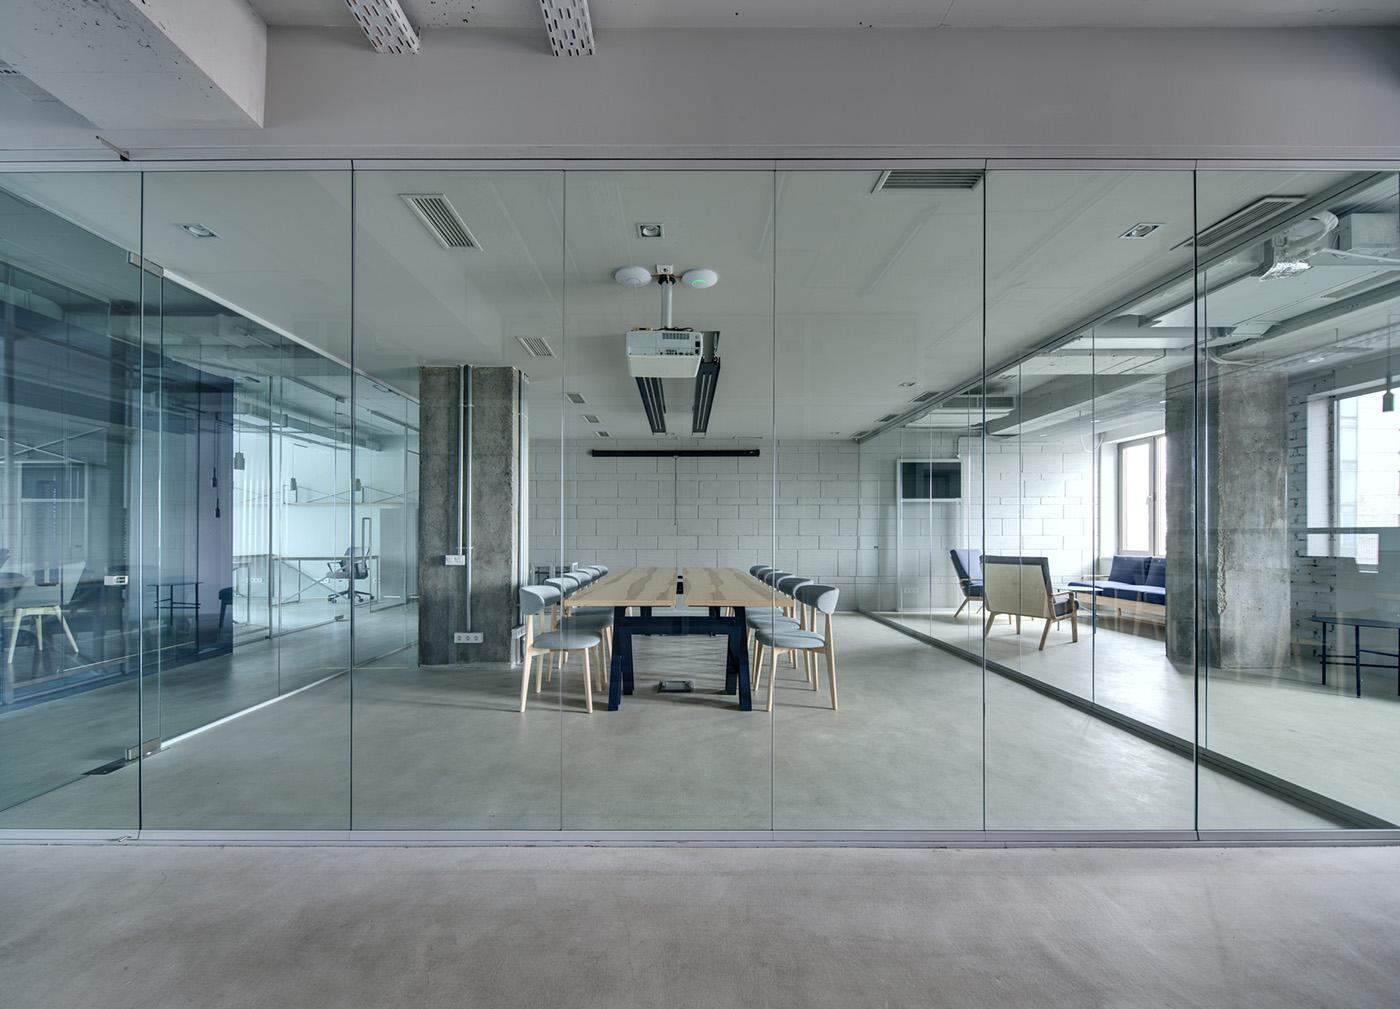 Pareti divisorie mobili per l'ufficio